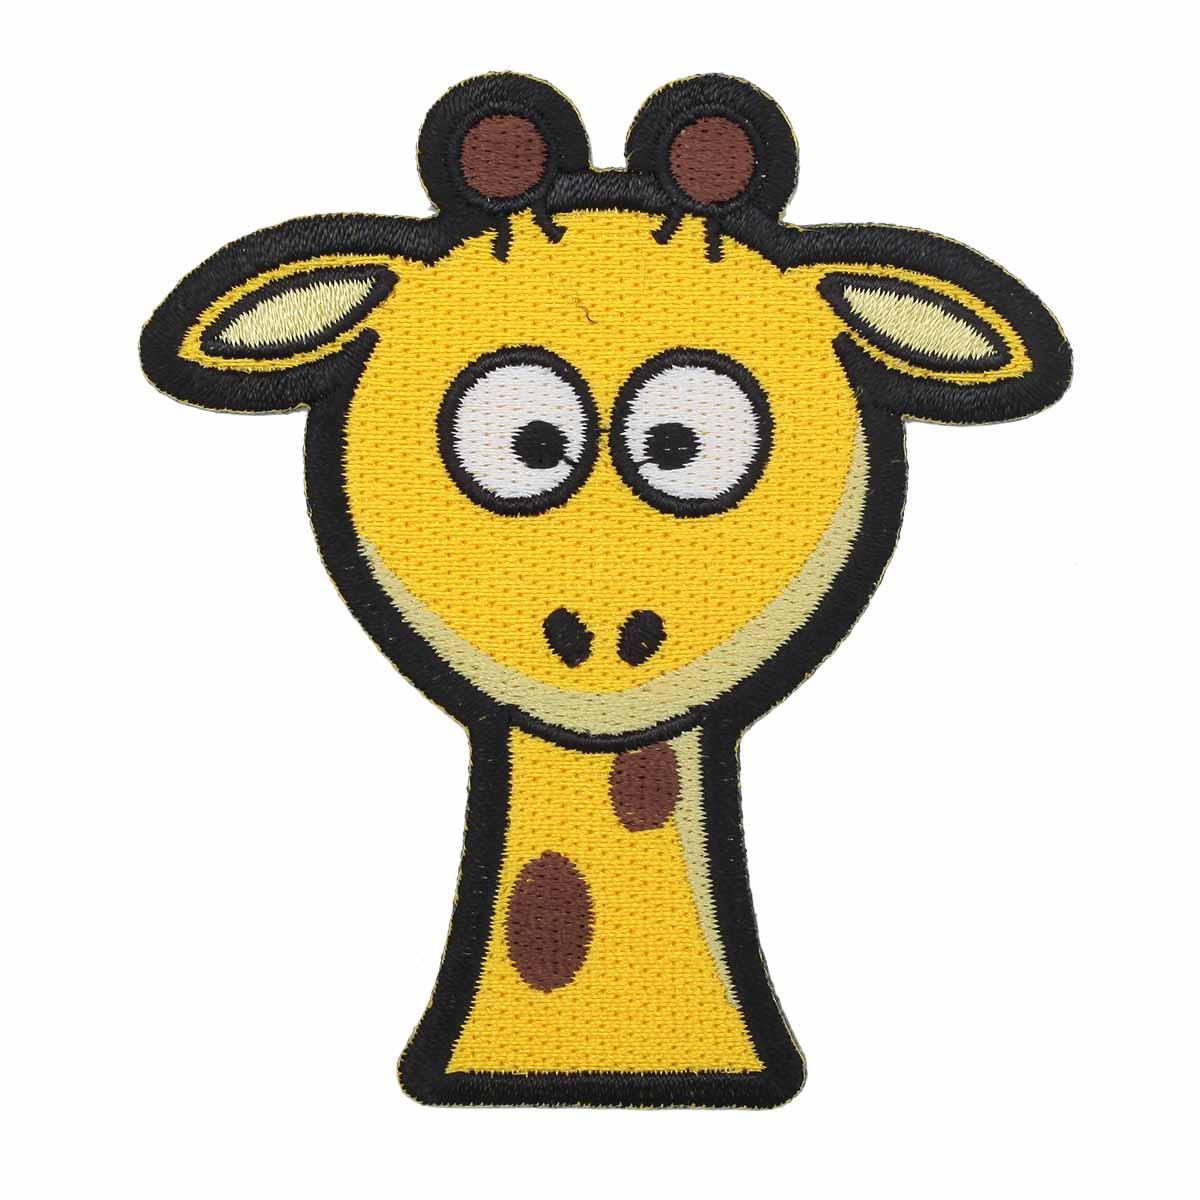 Термоаппликация 'Удивленный жираф' 7,5*8,5см Hobby&Pro